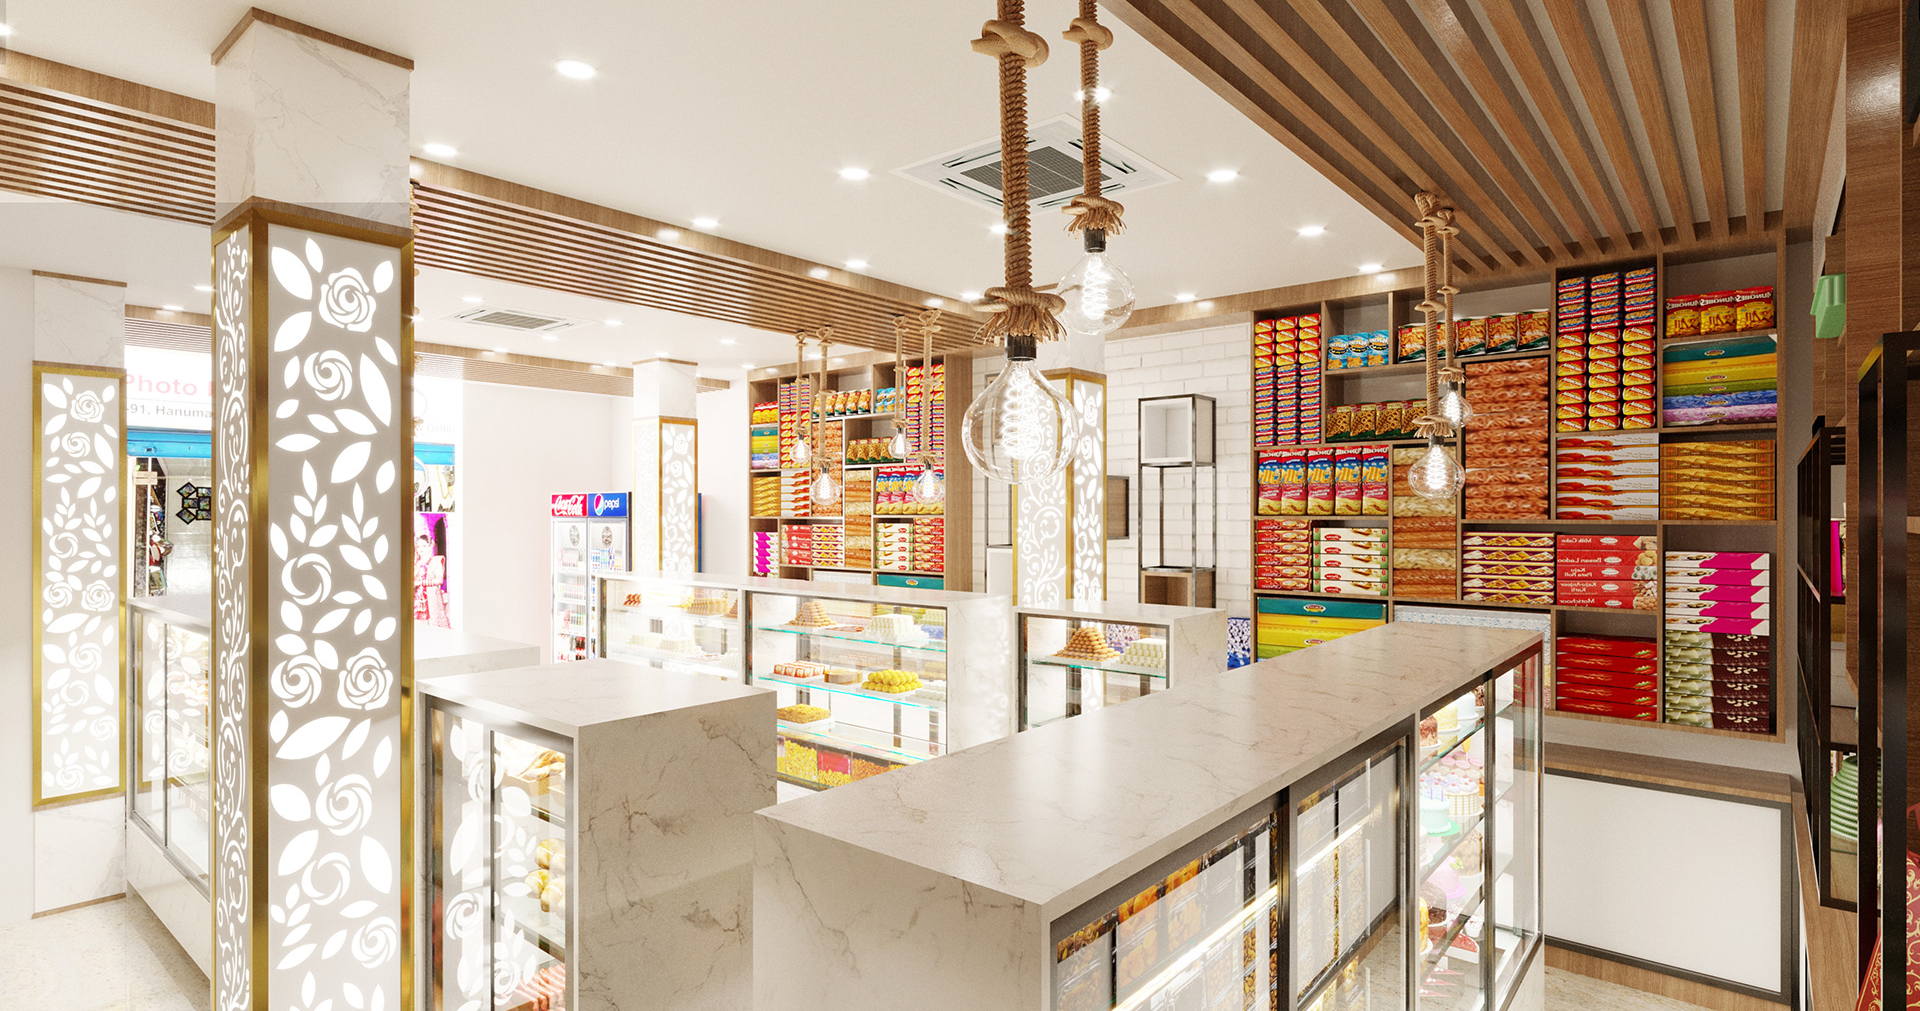 Sweets & Bakery - TriShades - Interior 3